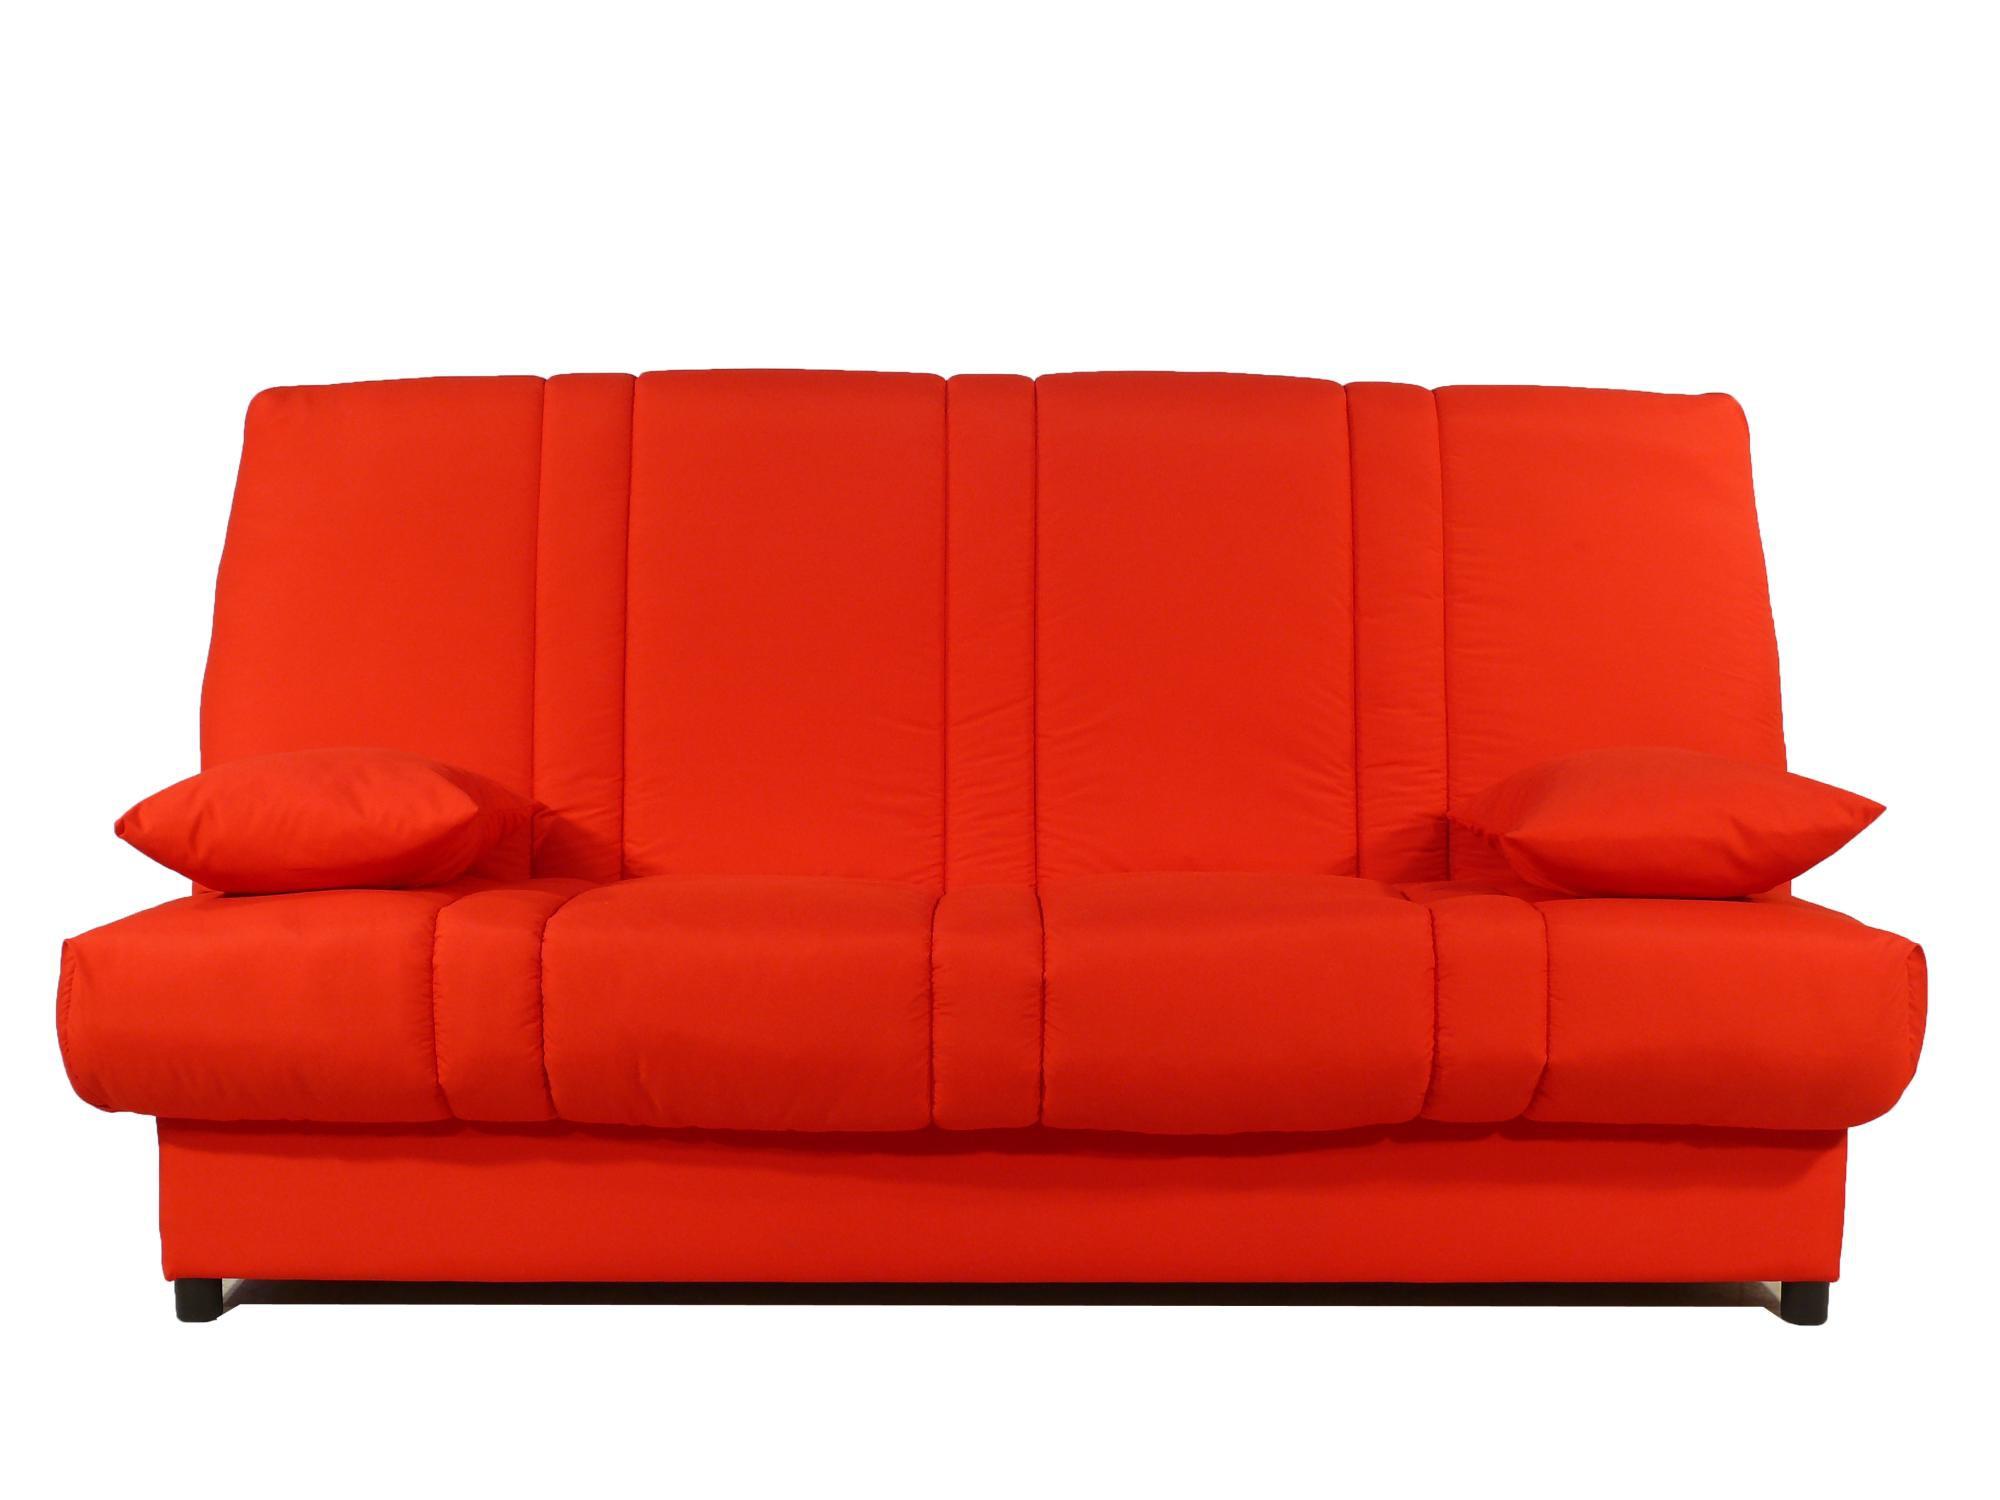 Housse Canape Clic Clac But Maison Mobilier Jardin